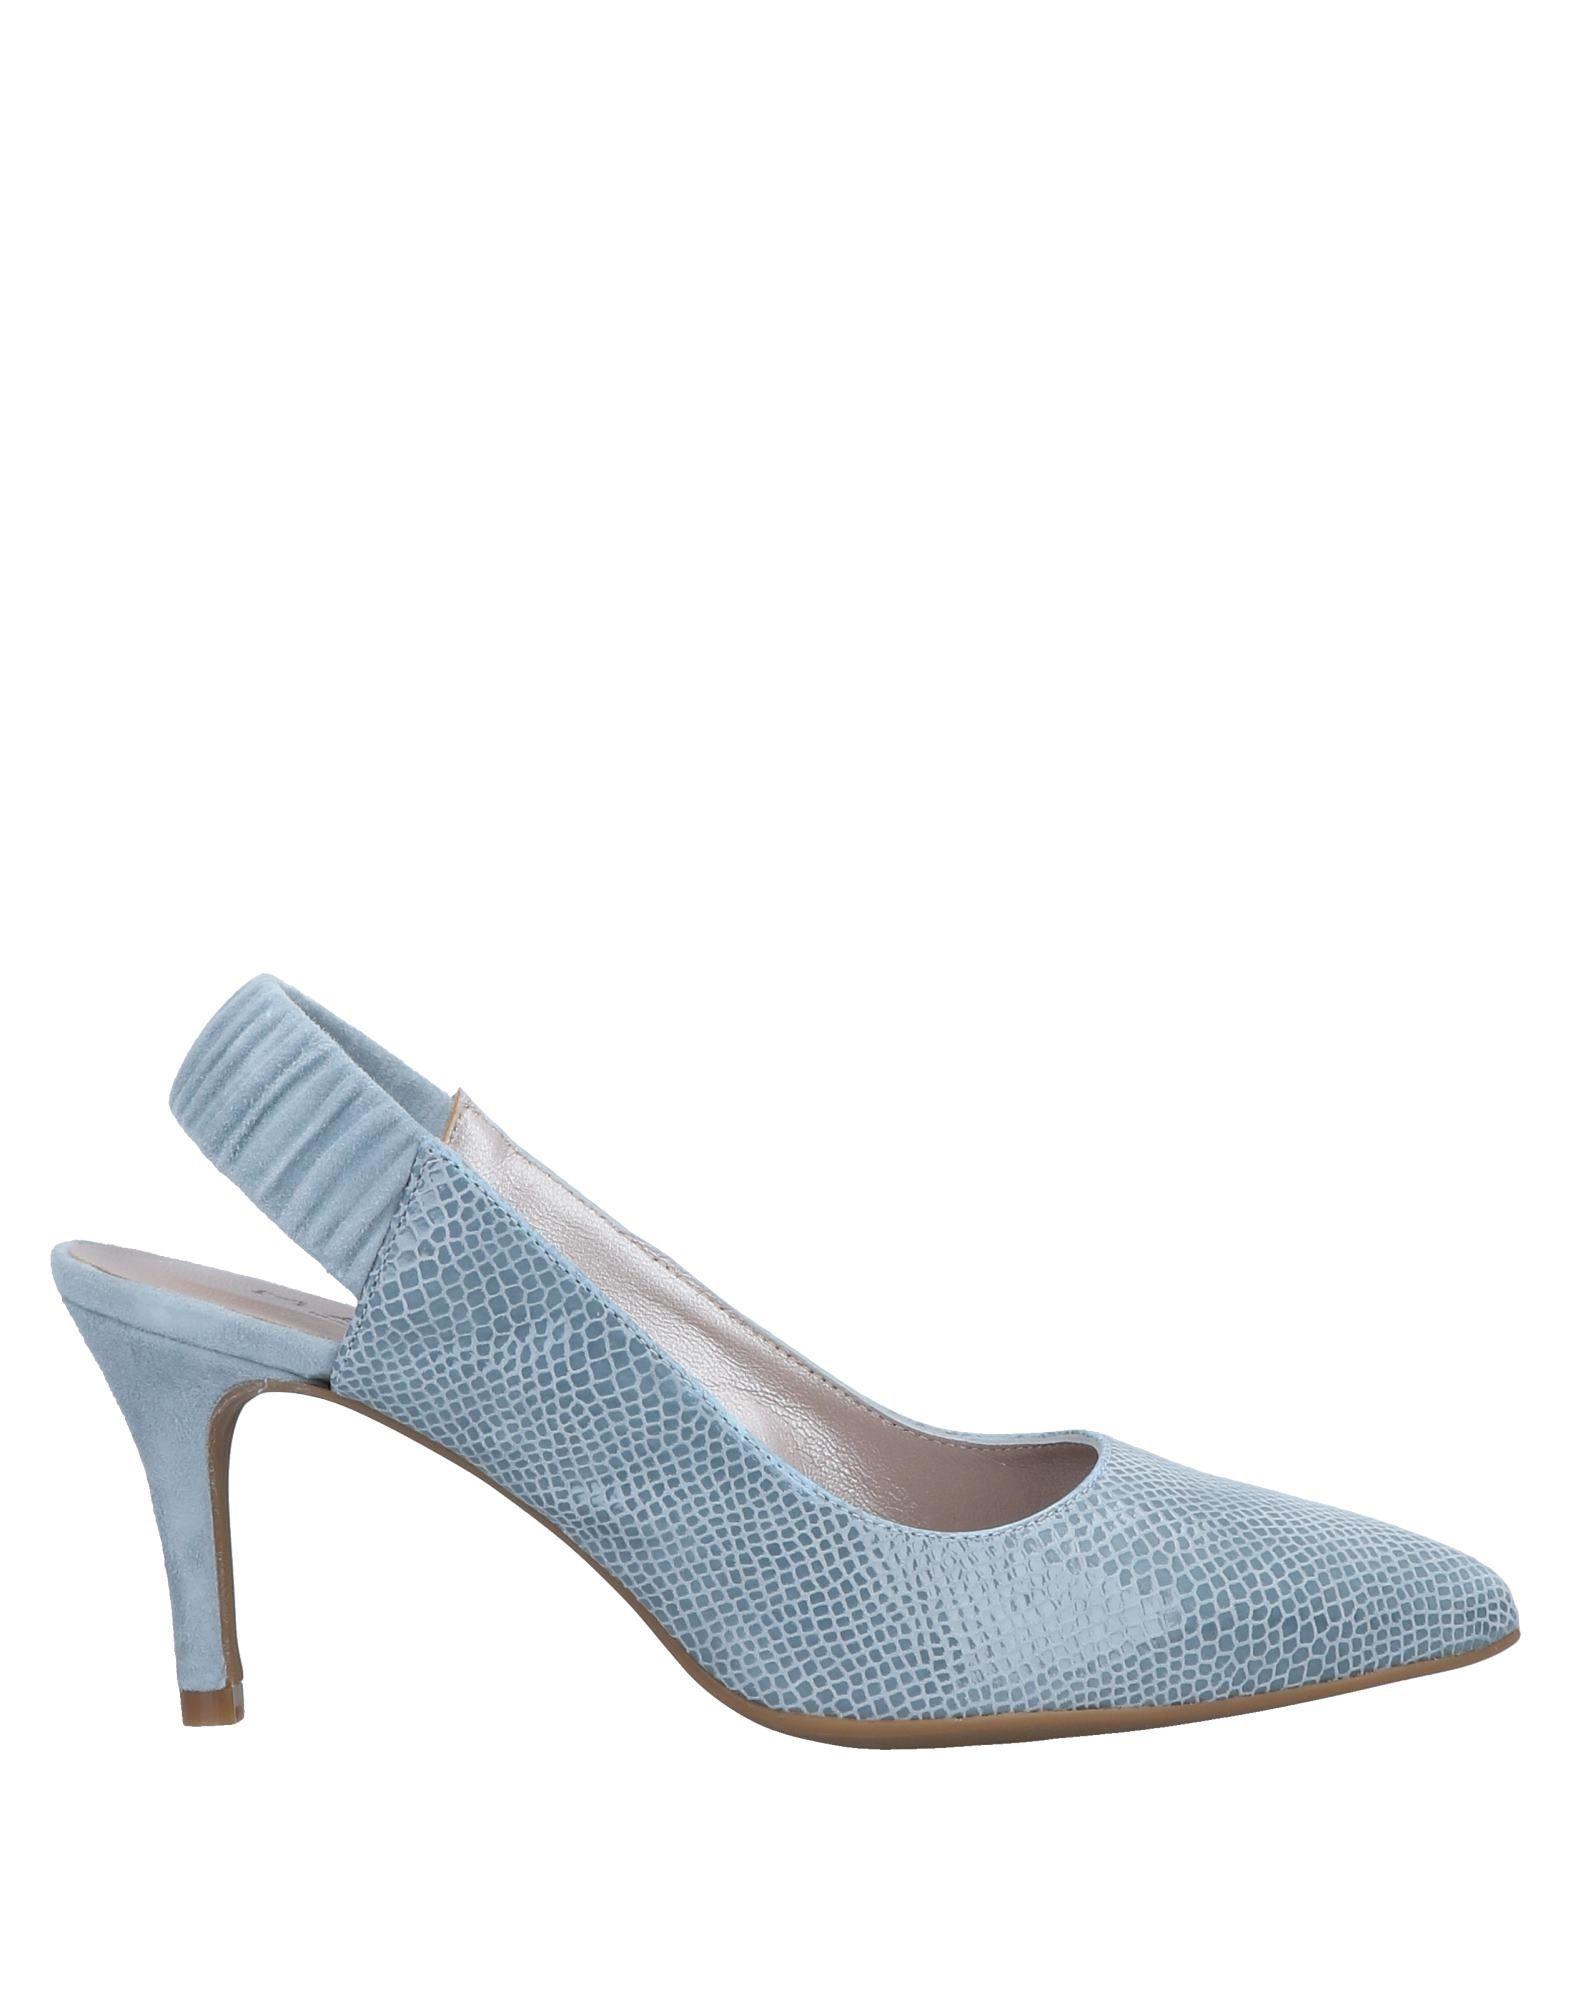 Escarpins Marian Femme - Escarpins Marian Rose Chaussures femme pas cher homme et femme